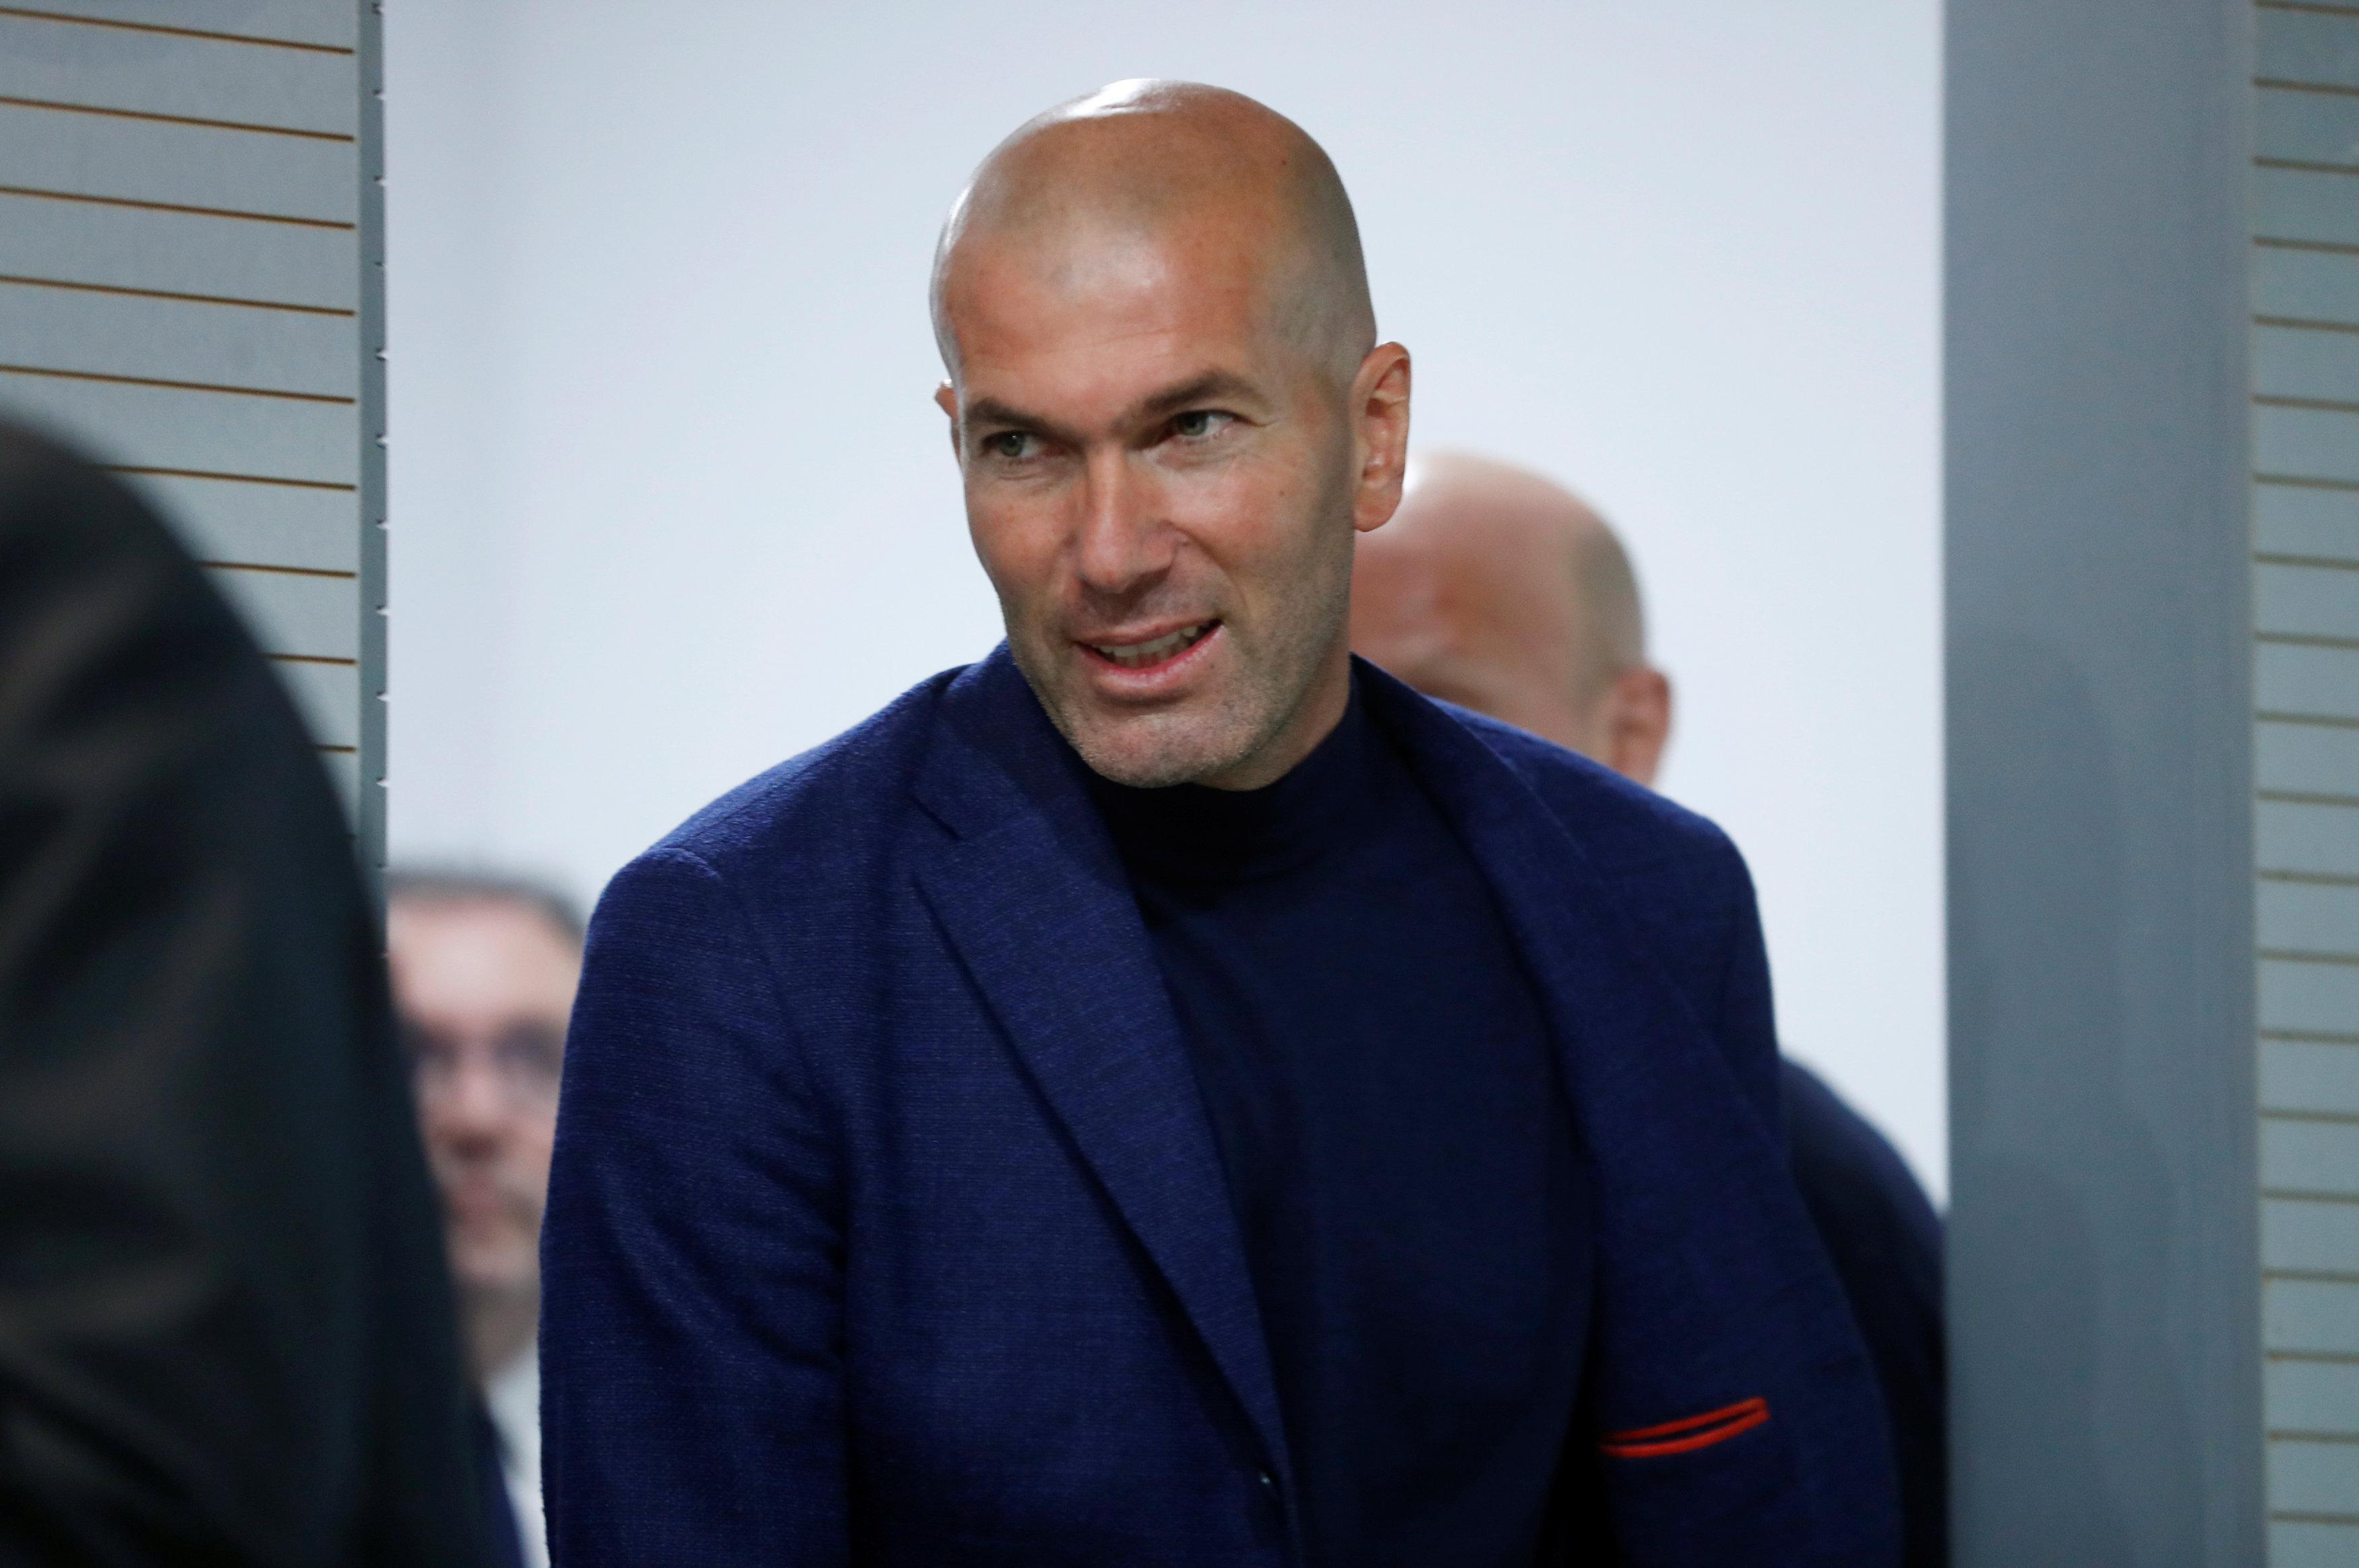 Zidane to replace Sarri odds